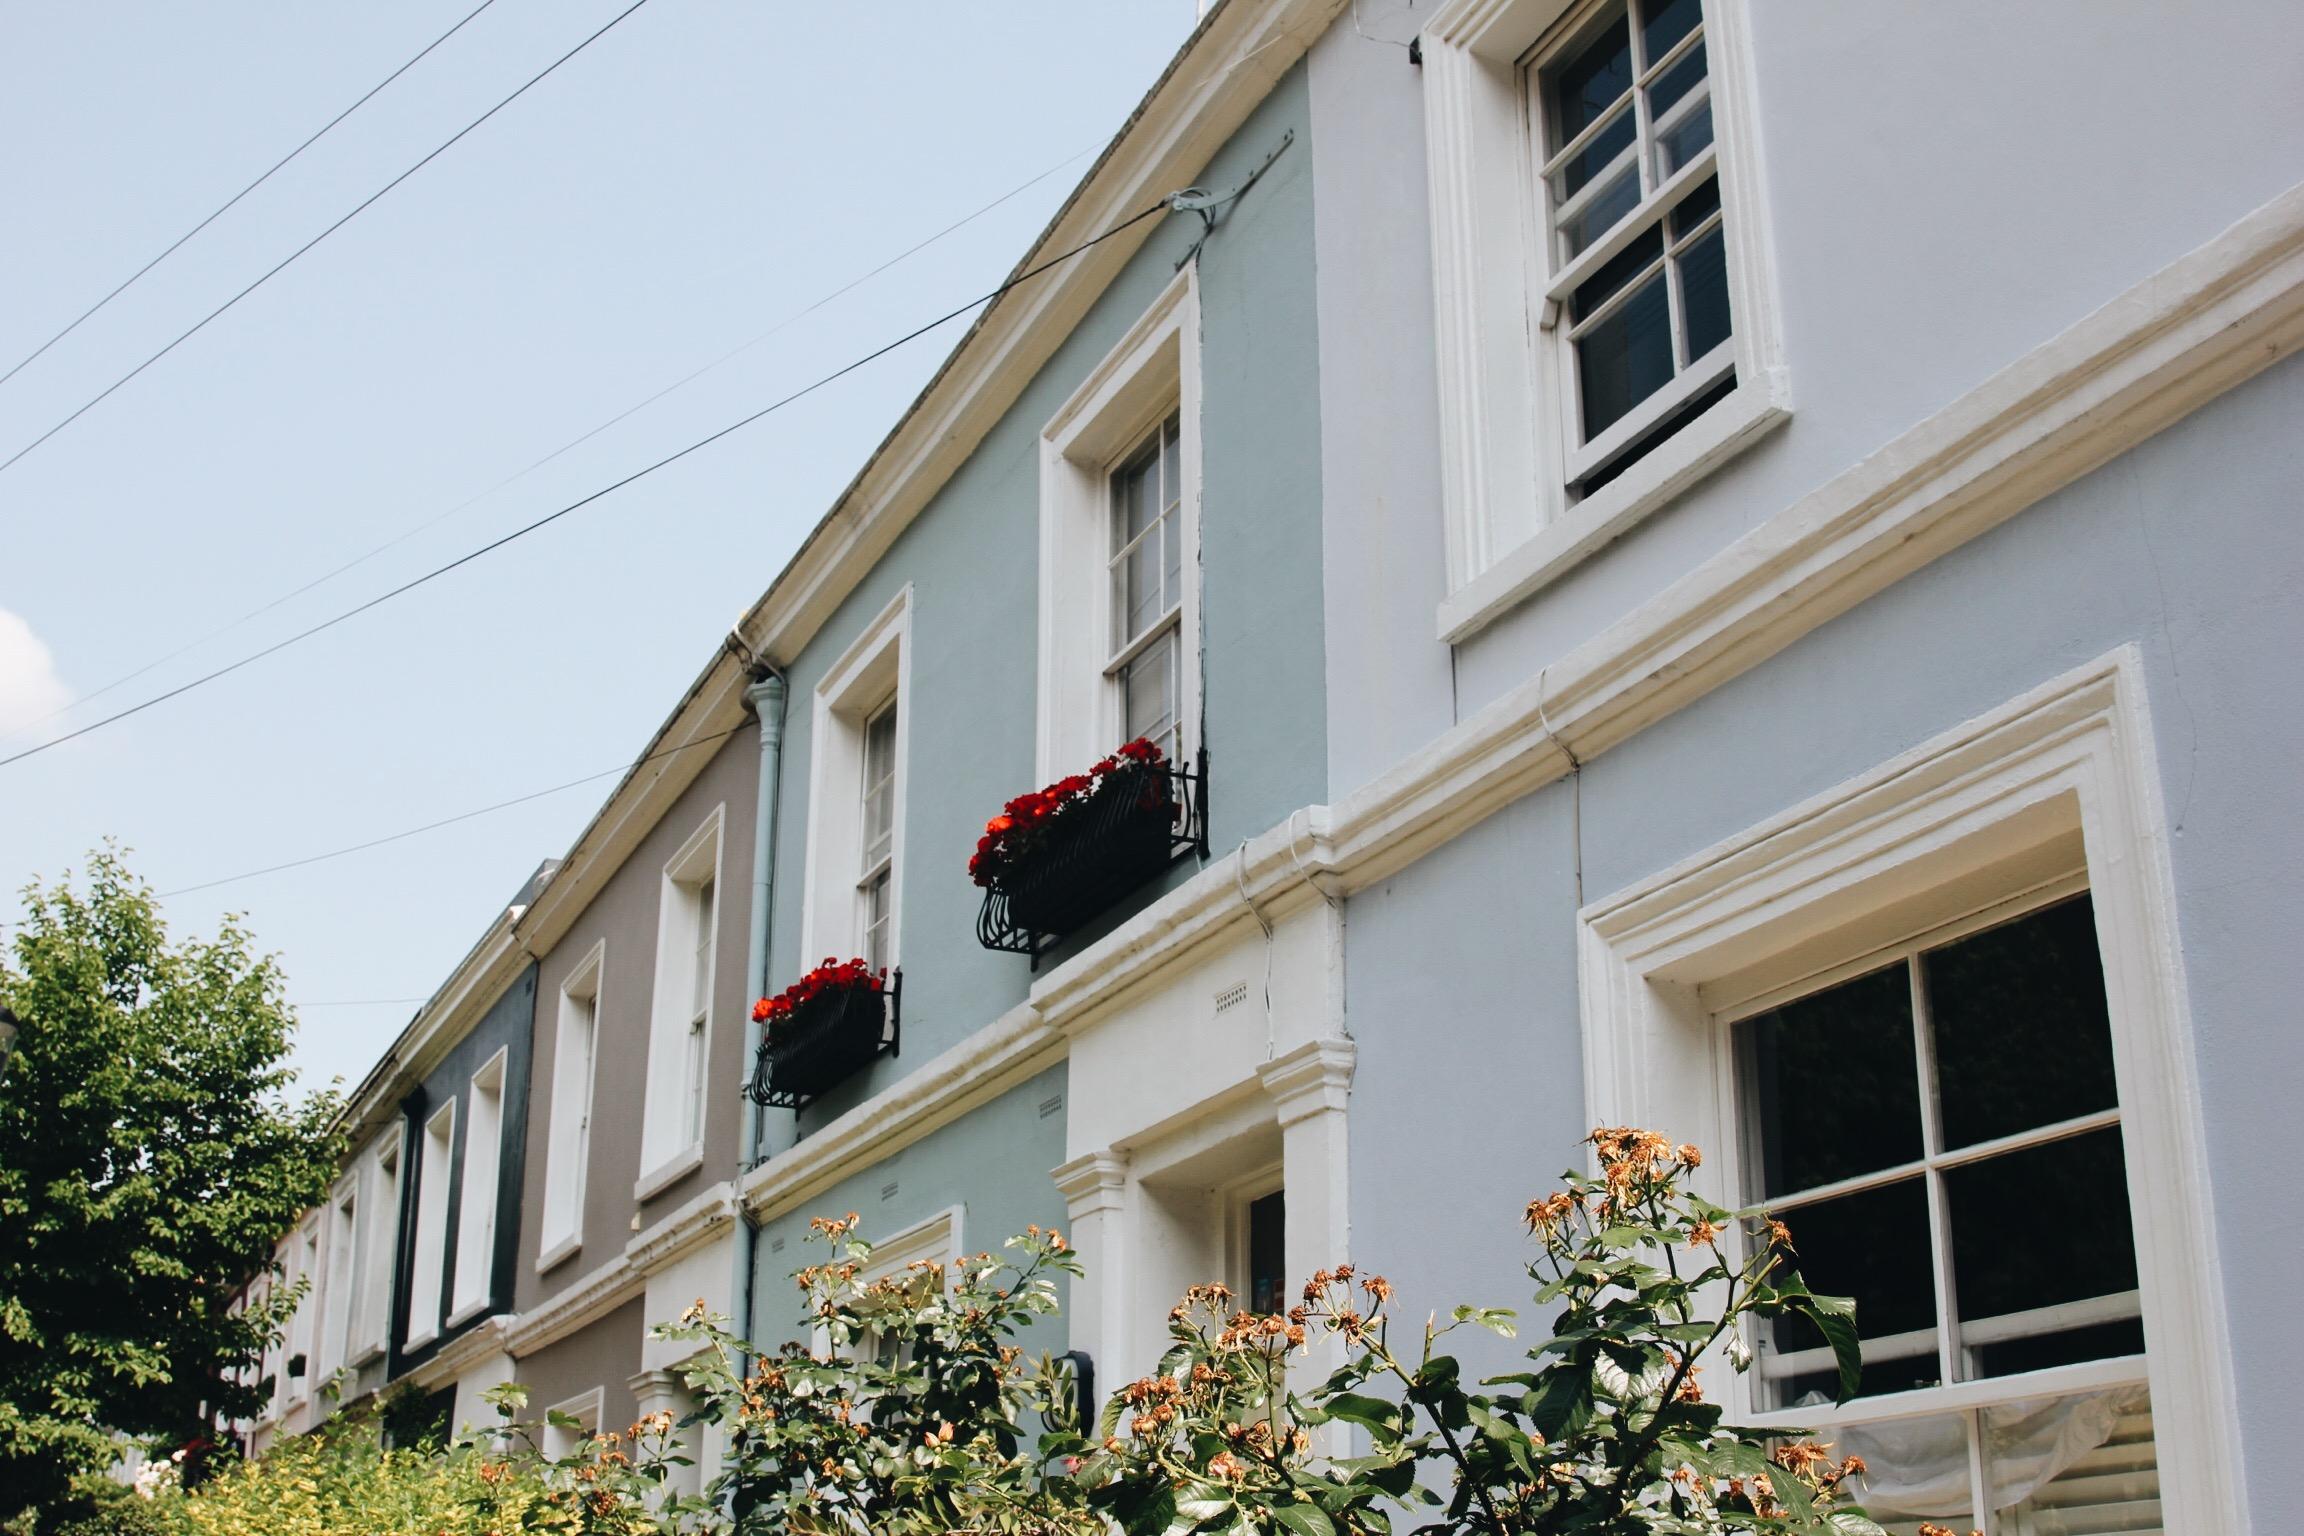 Notting-Hill-semaine-londres.jpg